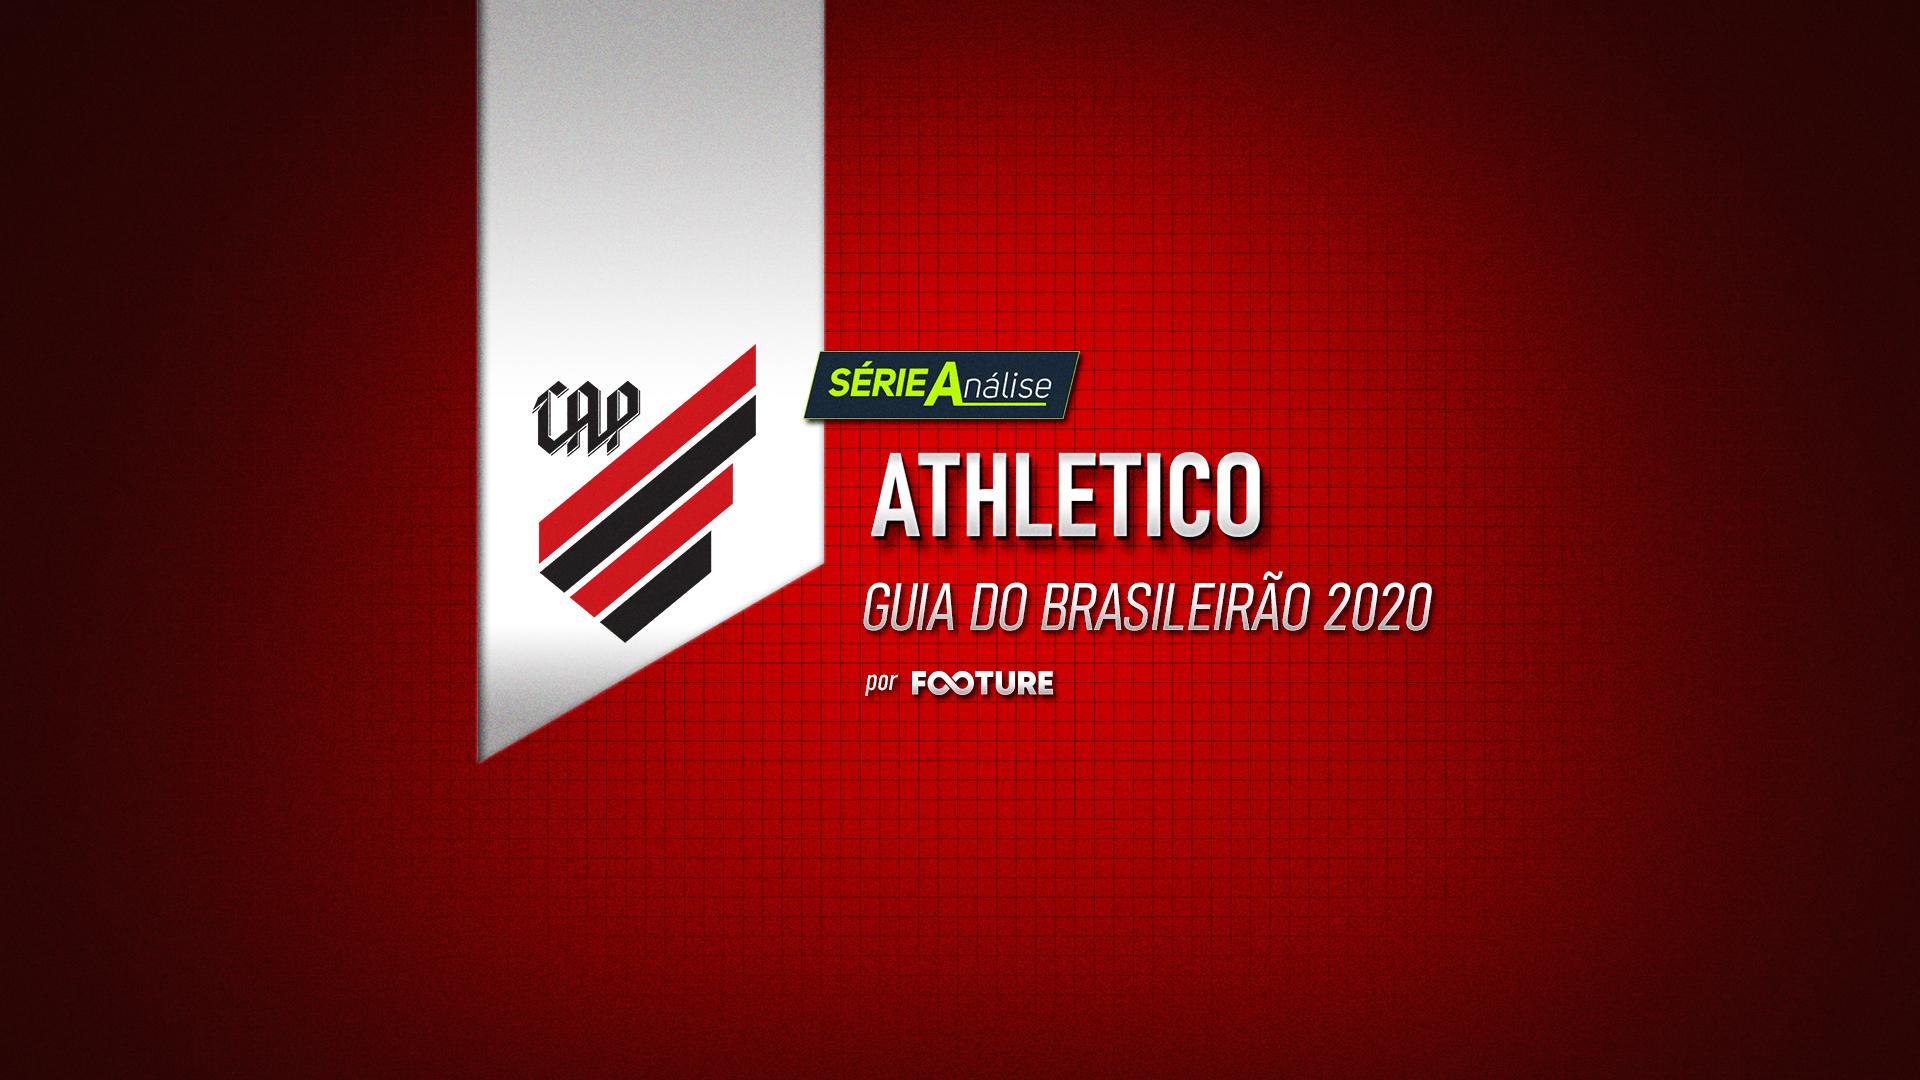 Guia do Brasileirão 2020 – Athletico Paranaense